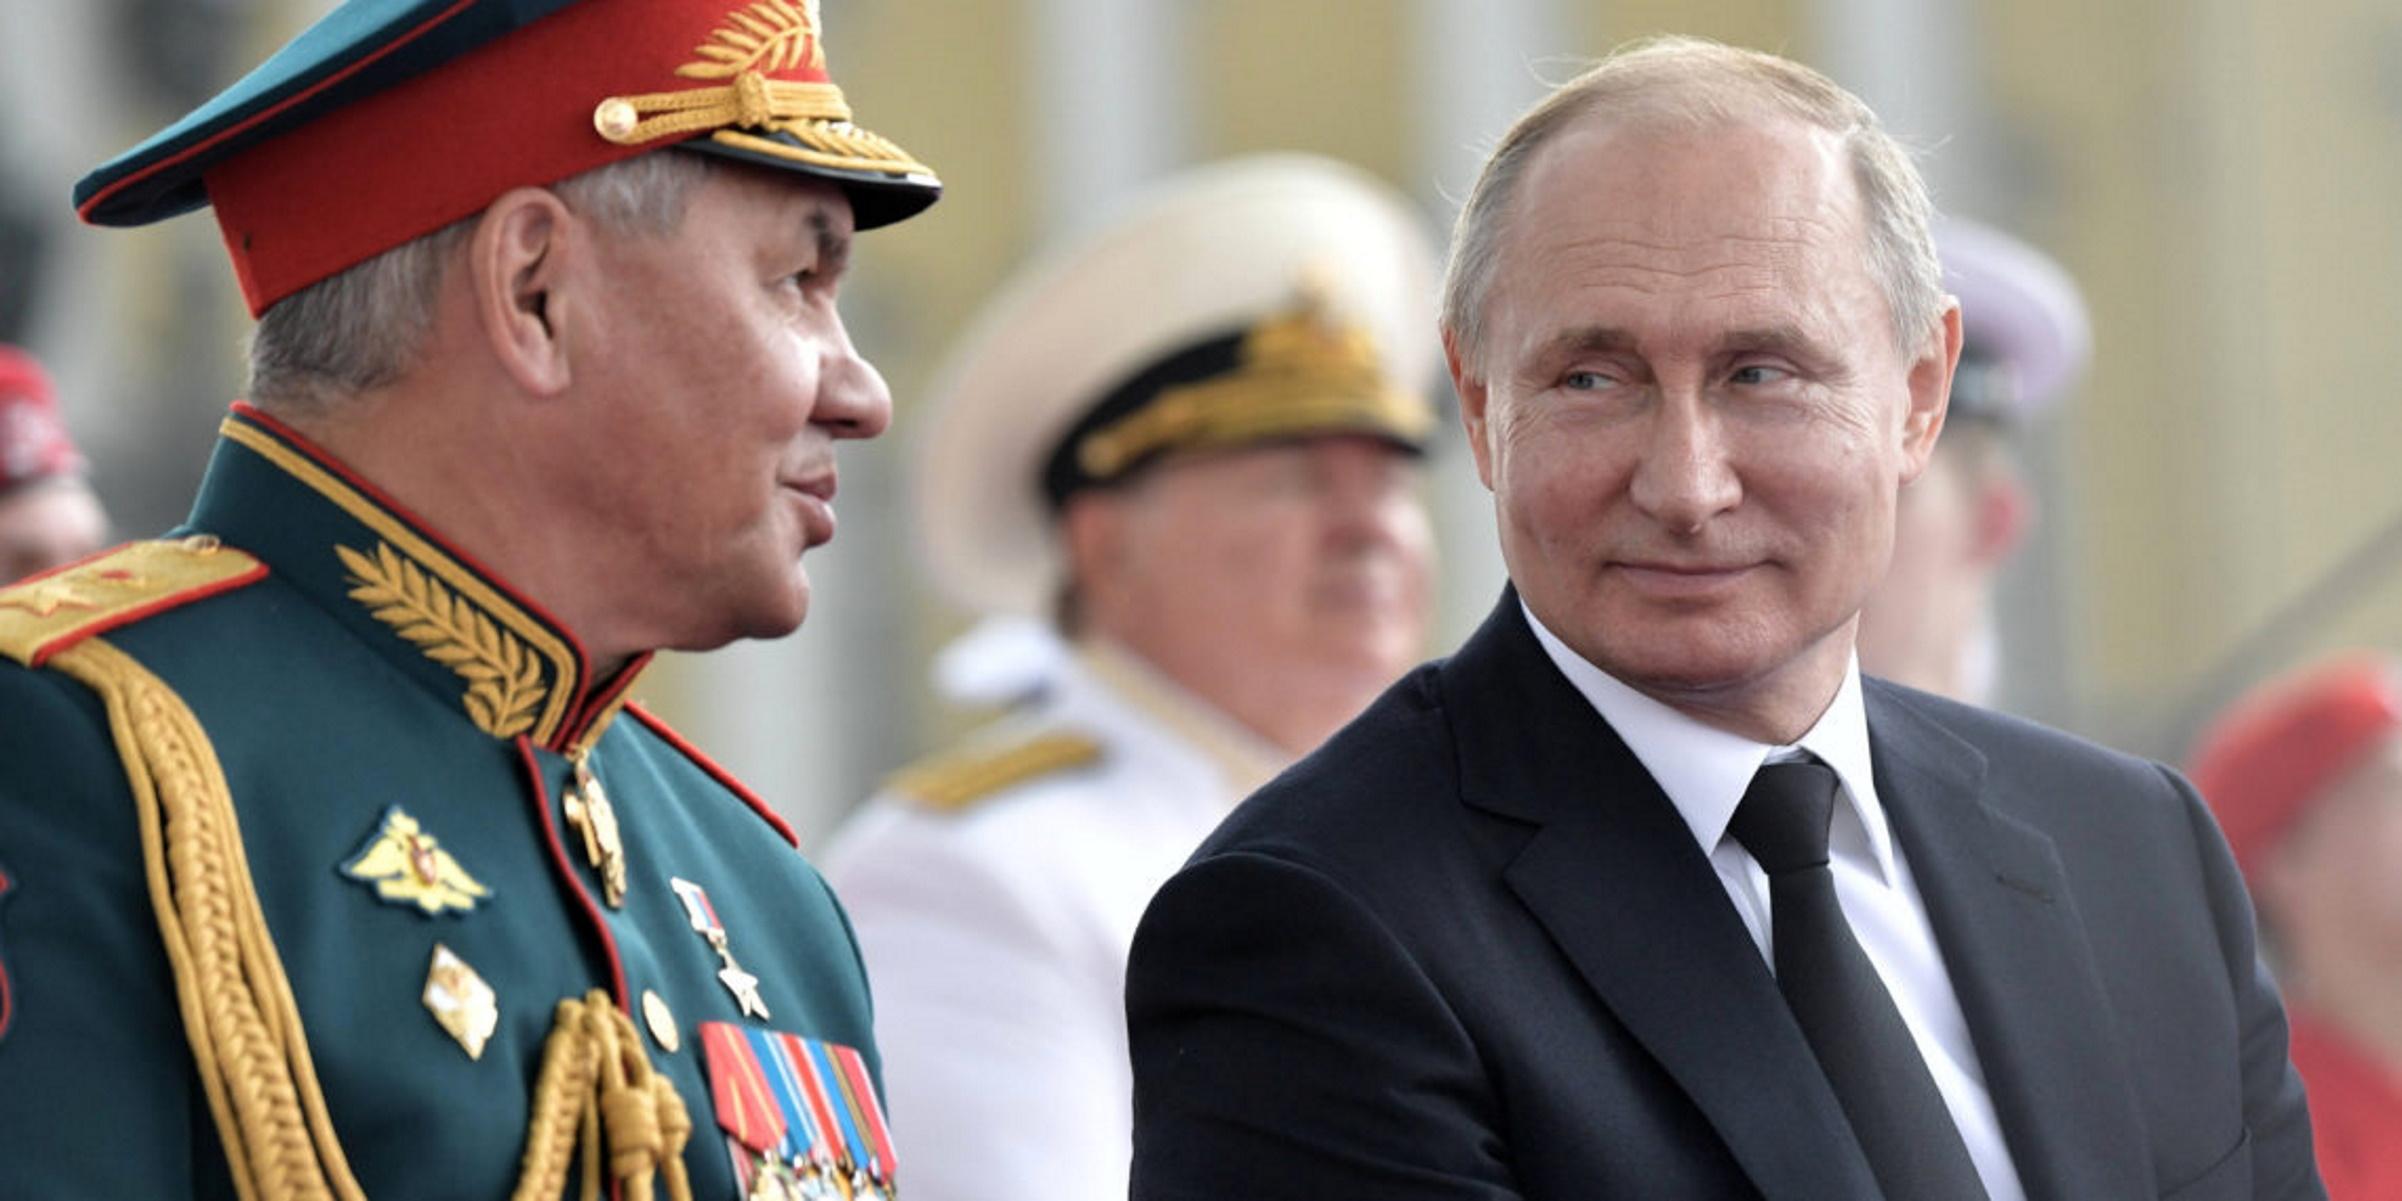 «Συναγερμός» στη Ρωσία: Ξεκίνησε μαζική άσκηση επιχειρησιακής ετοιμότητας των Ενόπλων Δυνάμεων